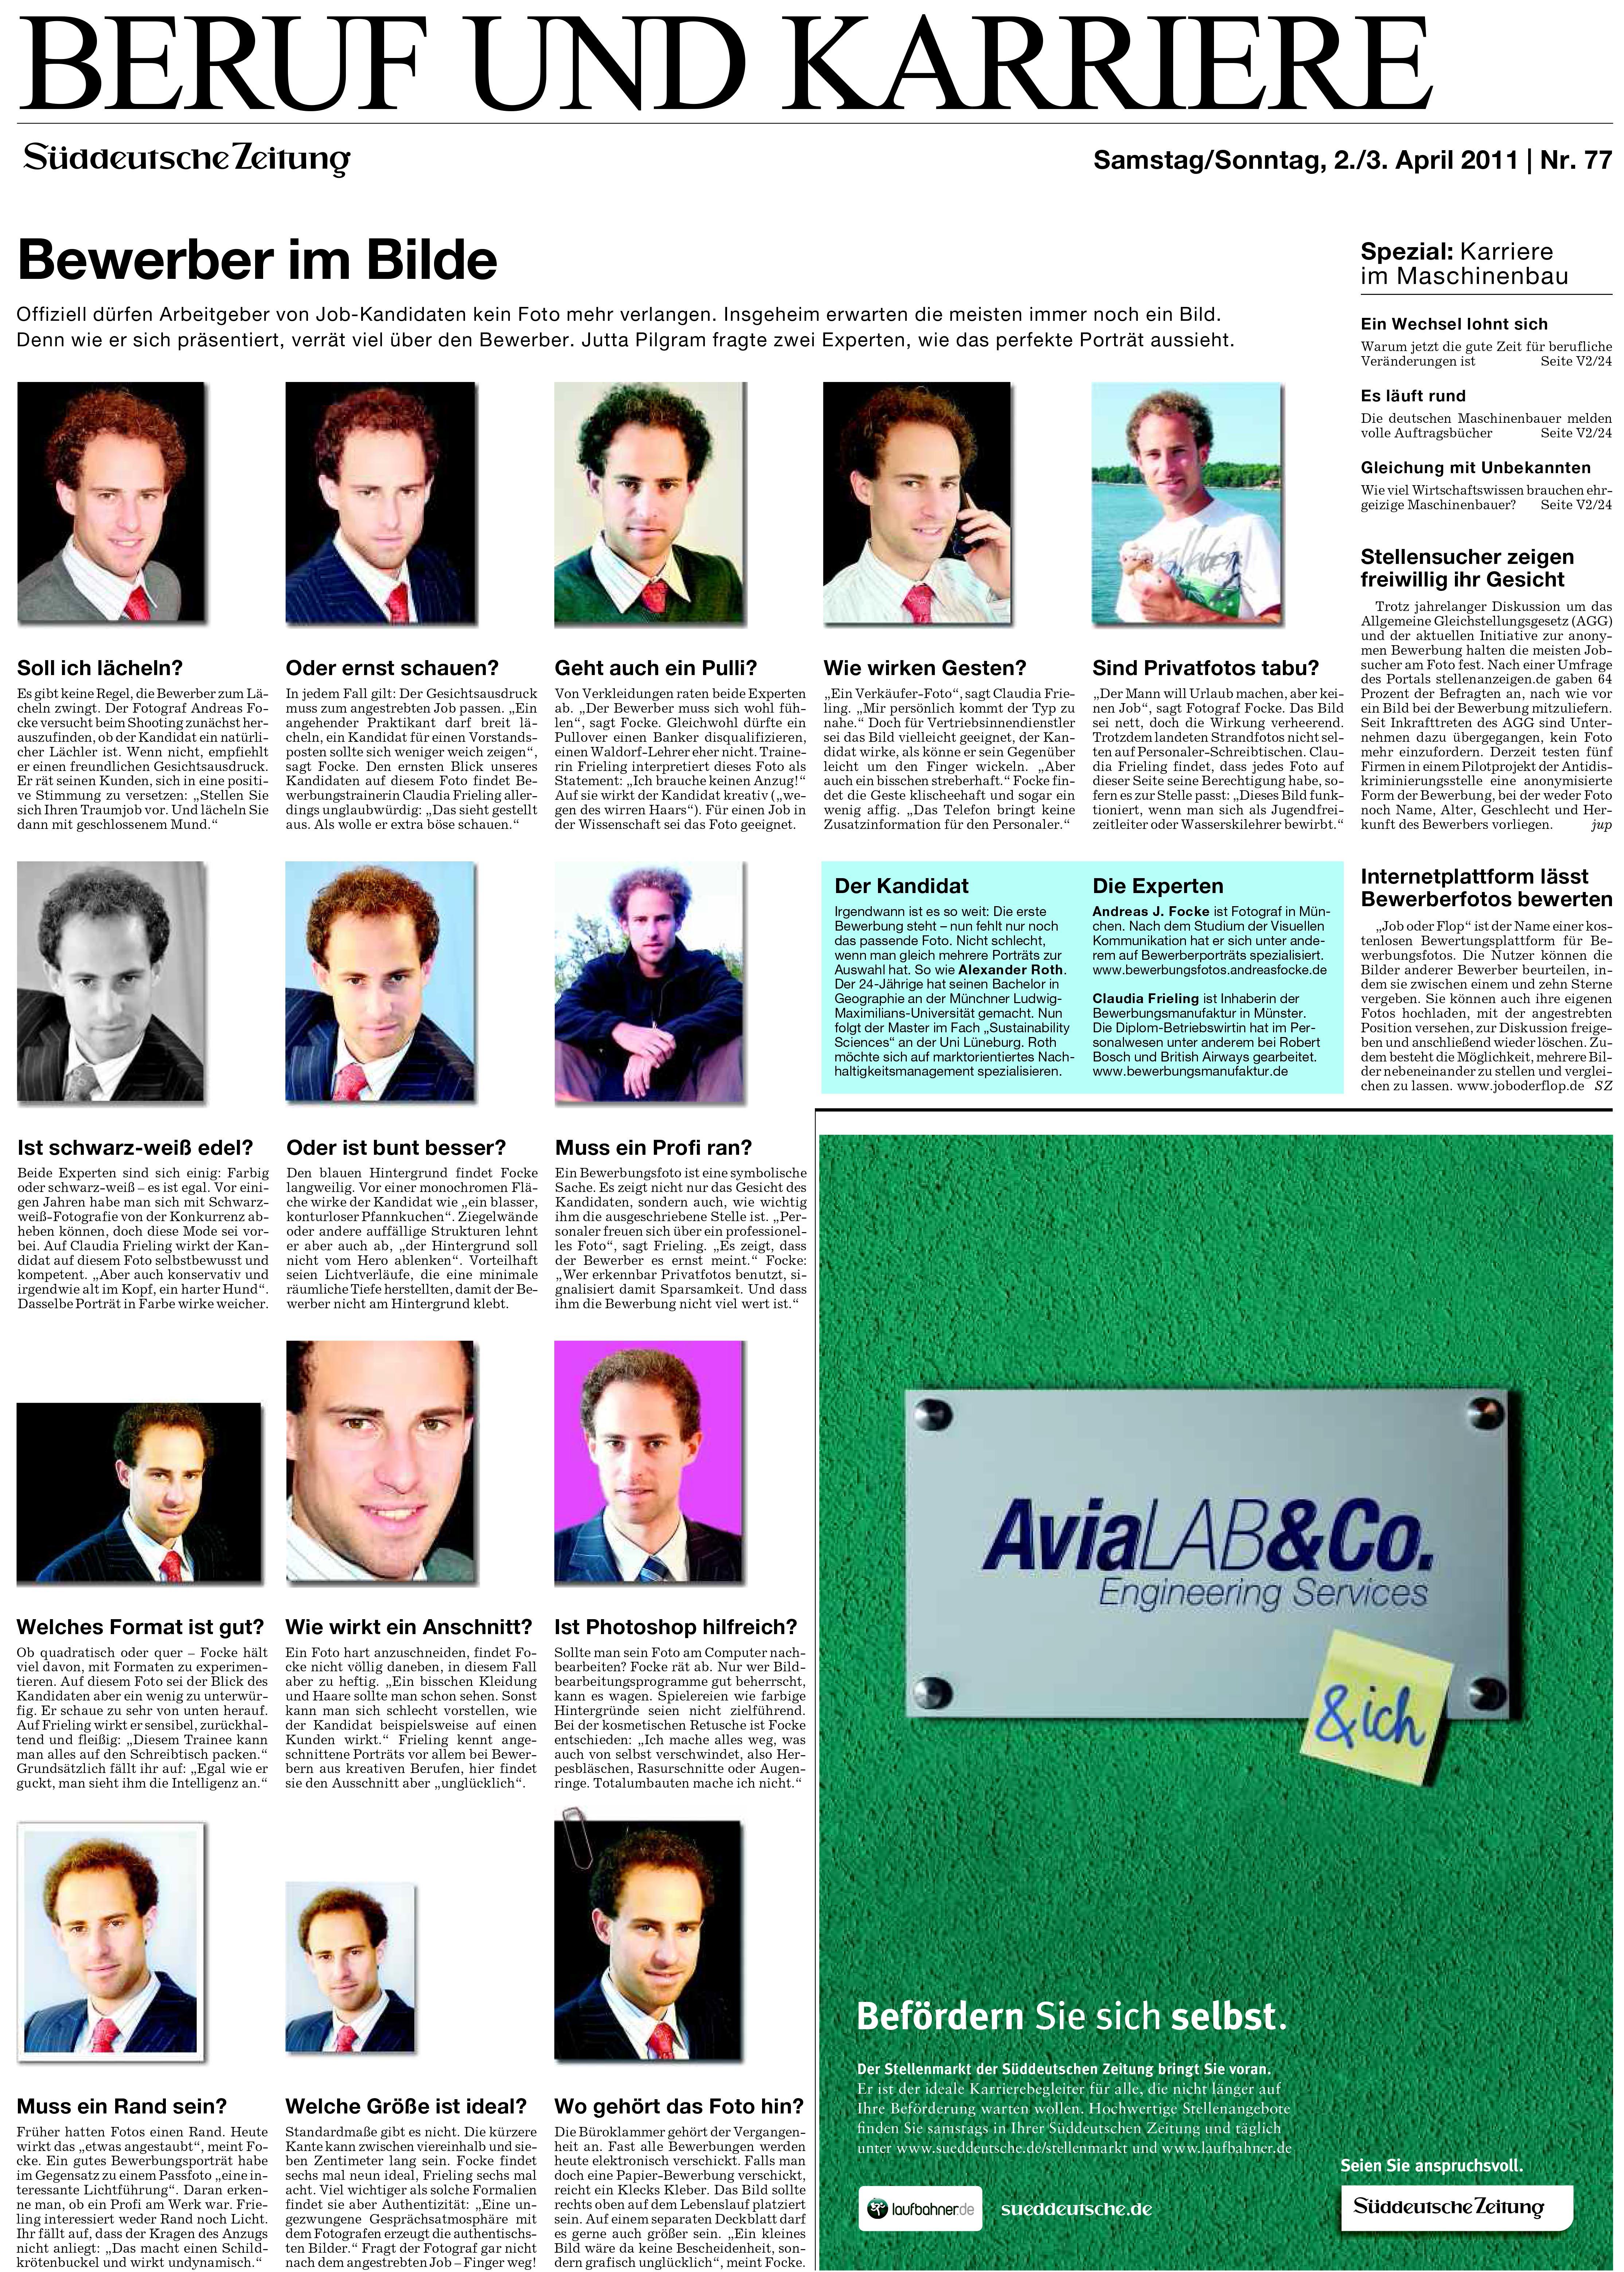 """Artikel in der Süddeutschen Zeitung, in dem zwei Experten zum Thema """"Bewerbungsfotos"""" befragt werden."""